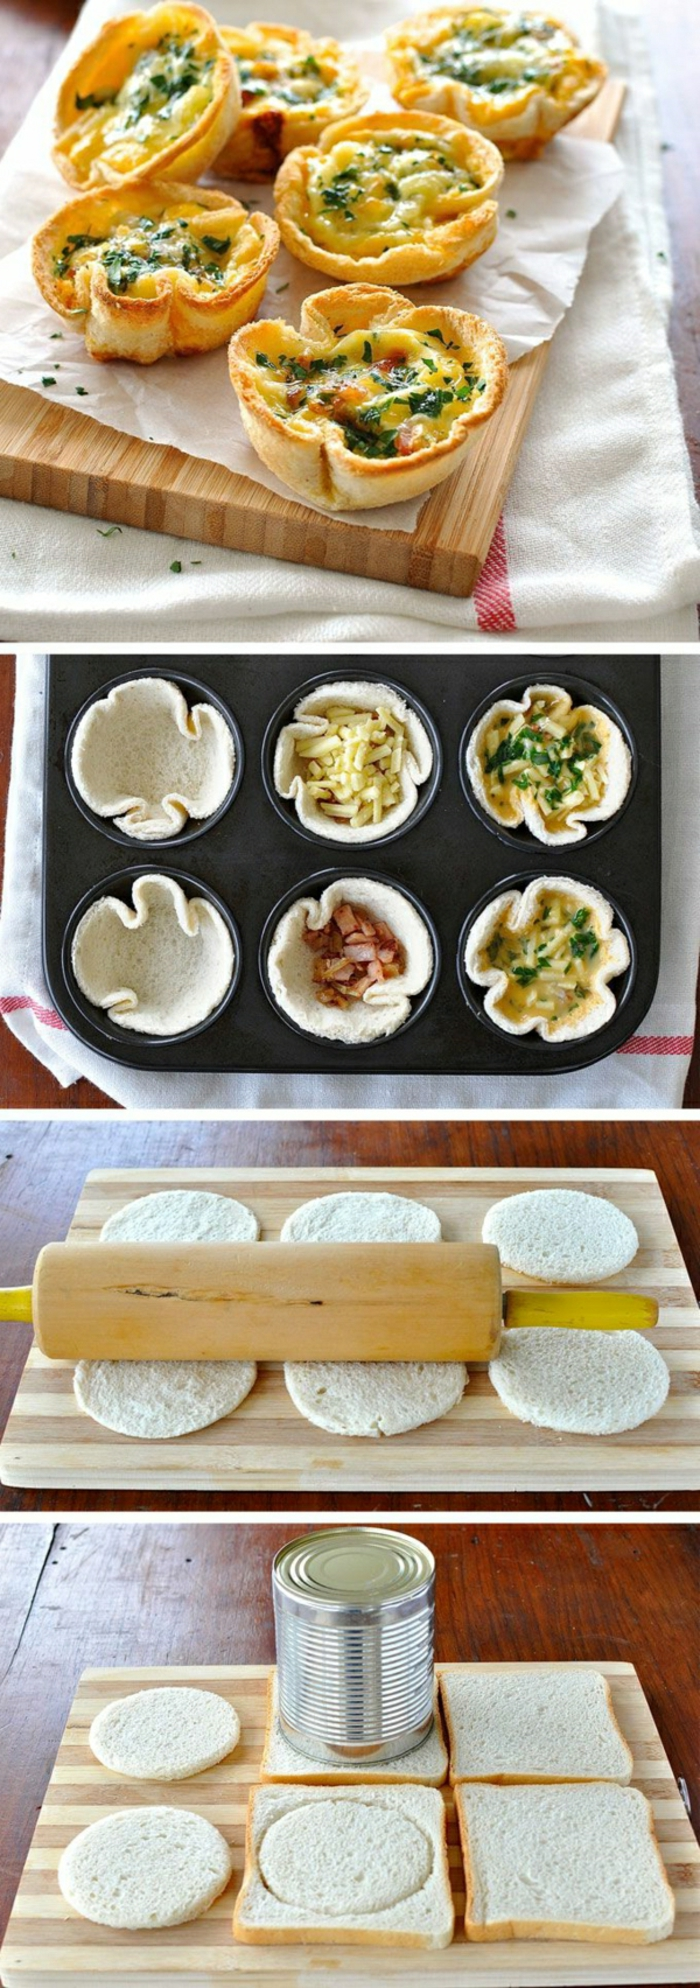 mini tartas con huevos, ideas de comidas vegetarianas para hacer en desayuno, comidas rapidas y faciles en imagenes